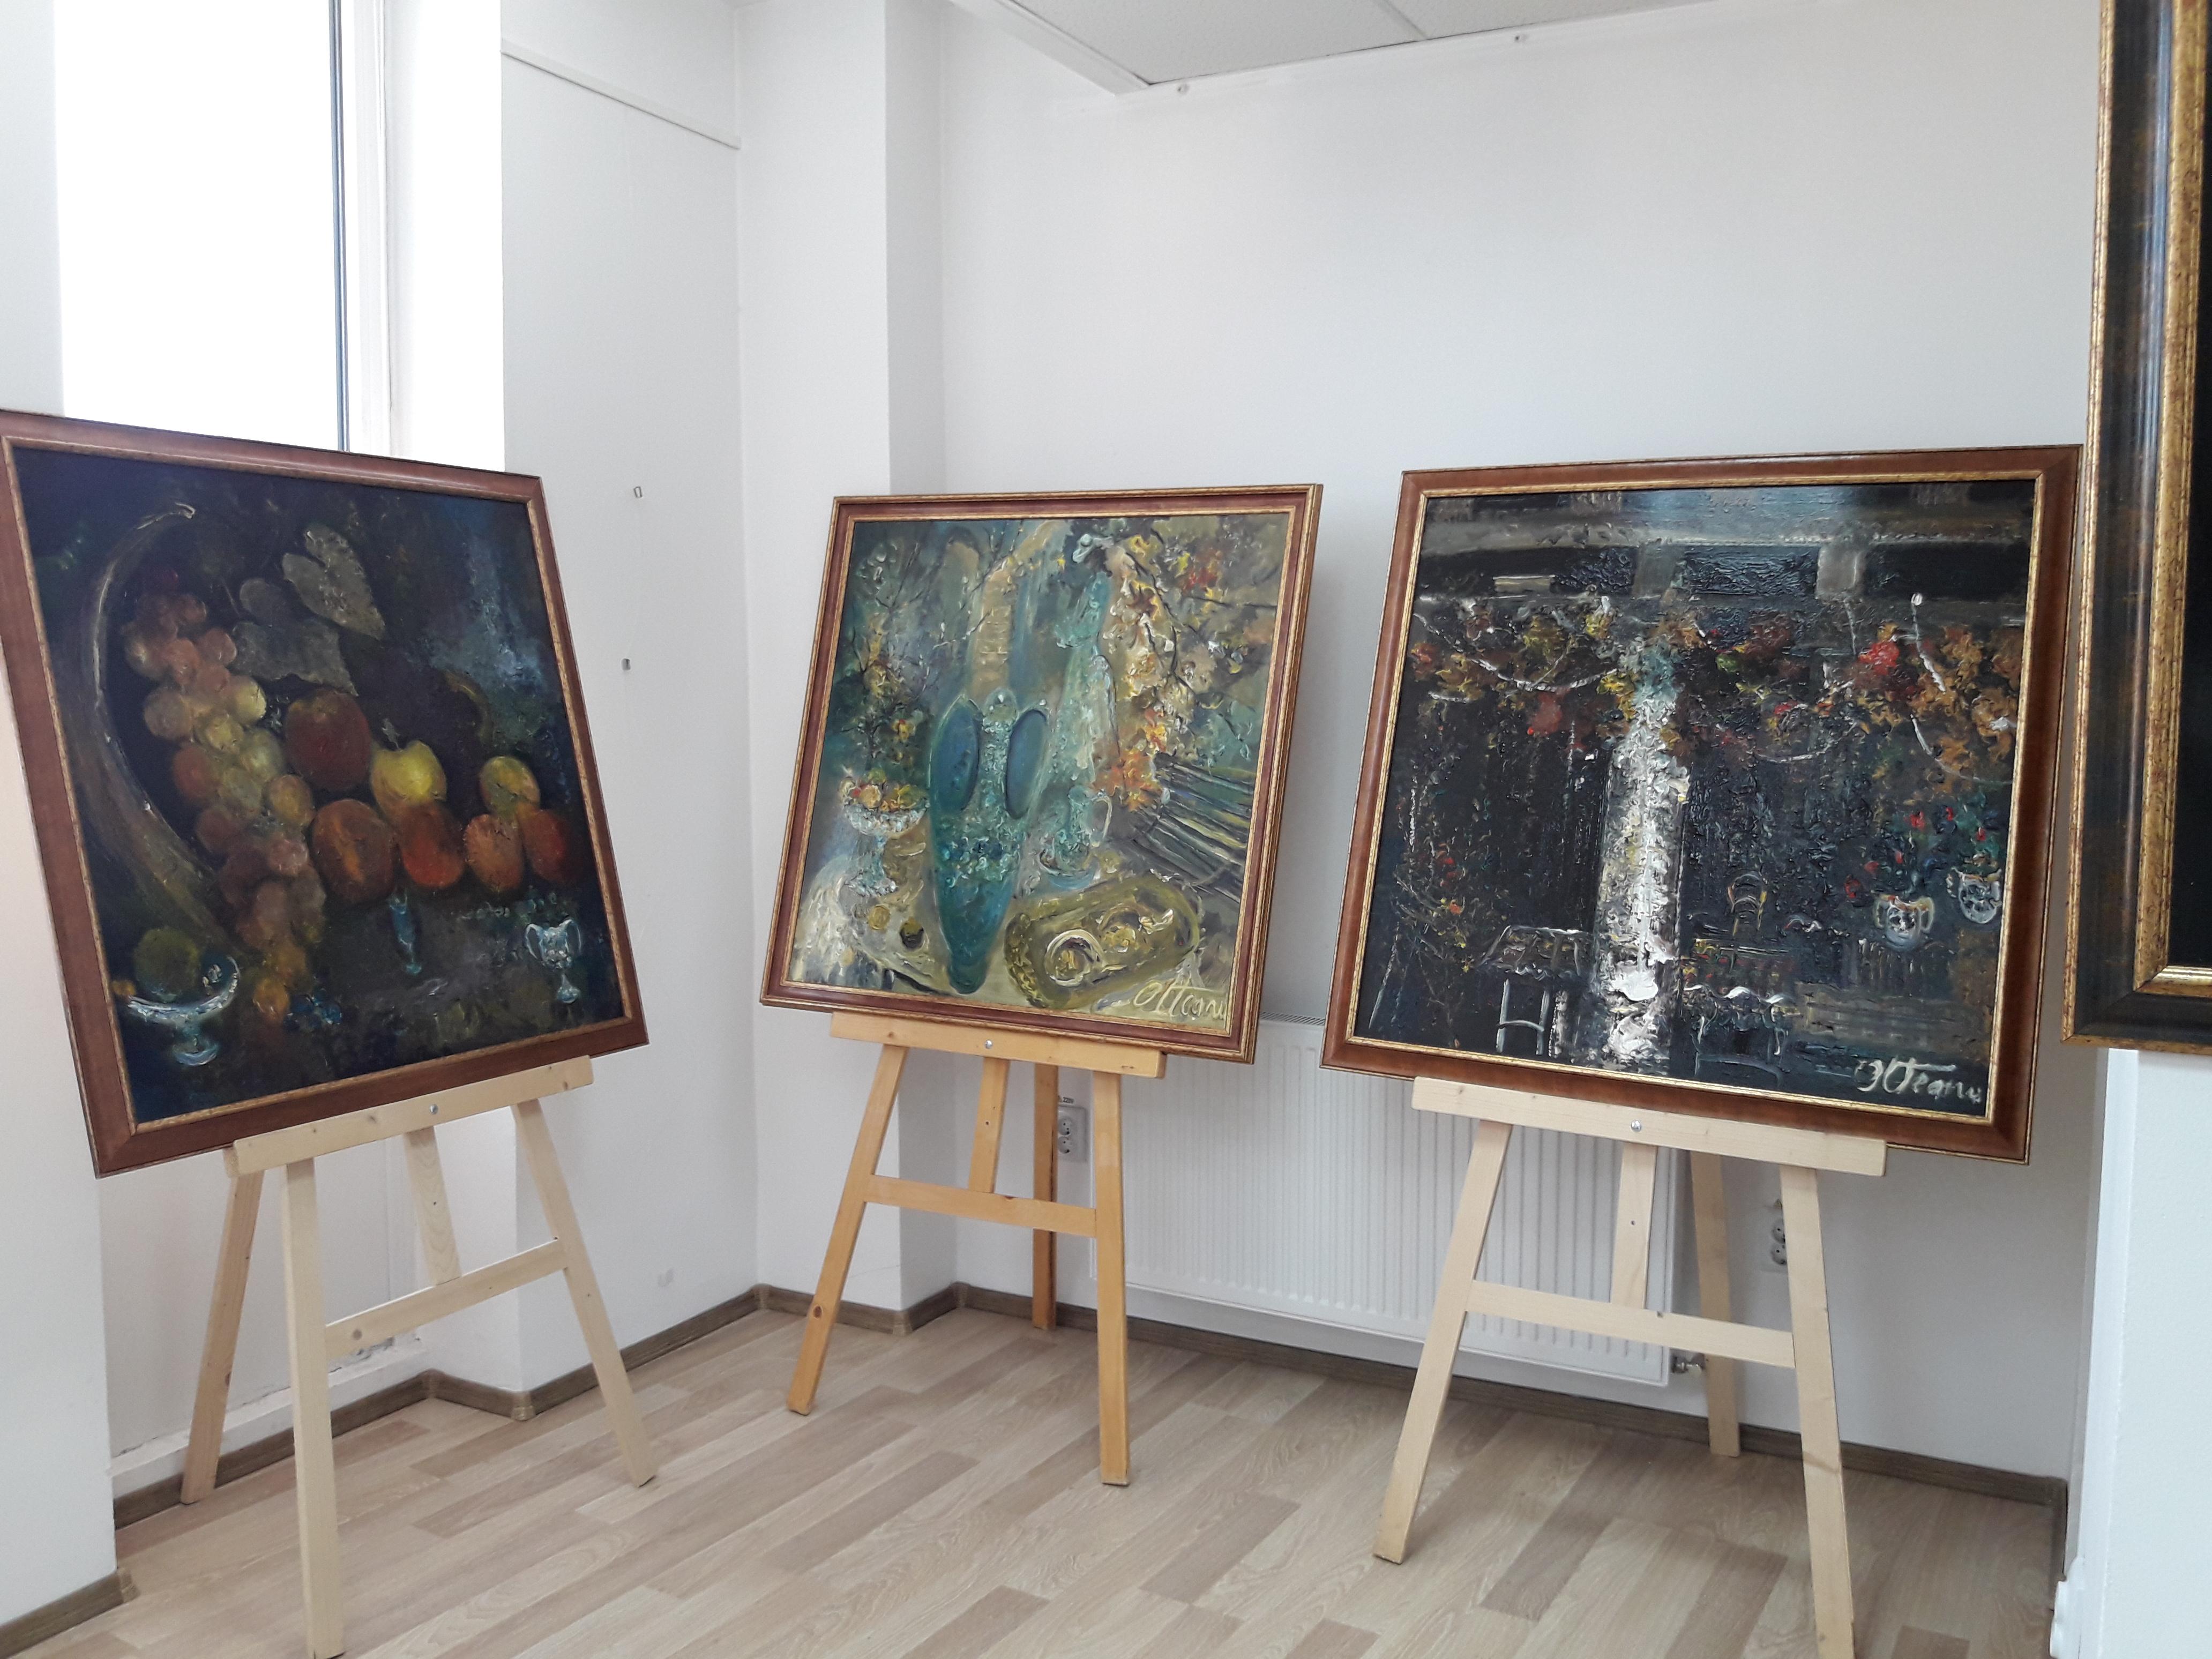 20180525_110015  Mihai Teodor Olteanu